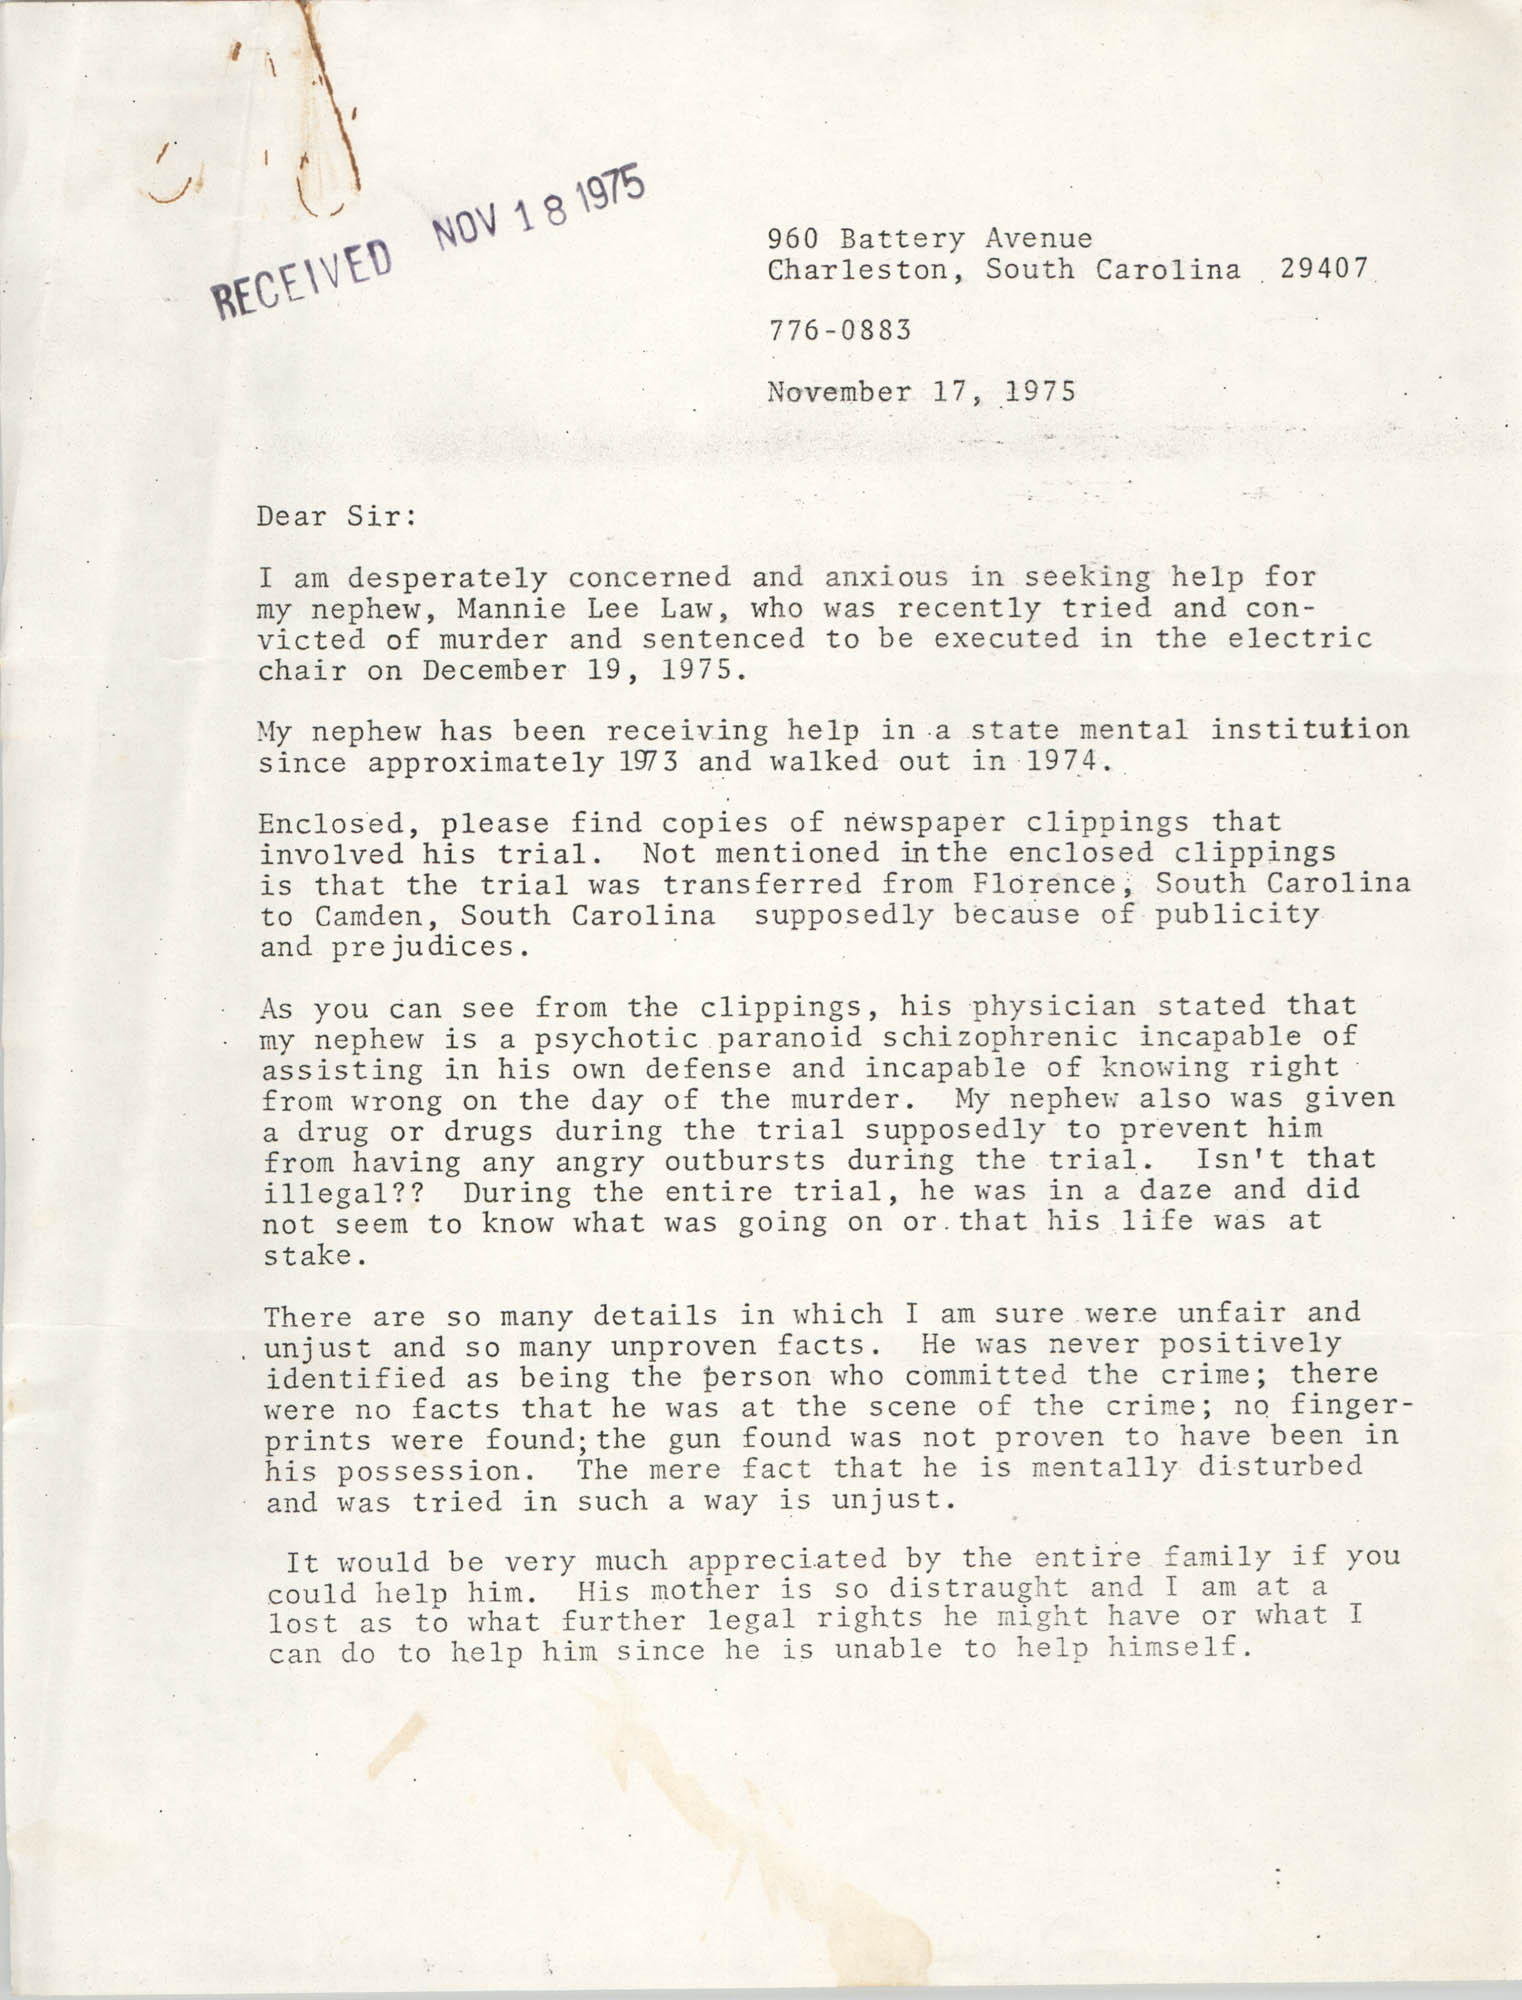 Letter from Hattie C. Williamson, November 17, 1975